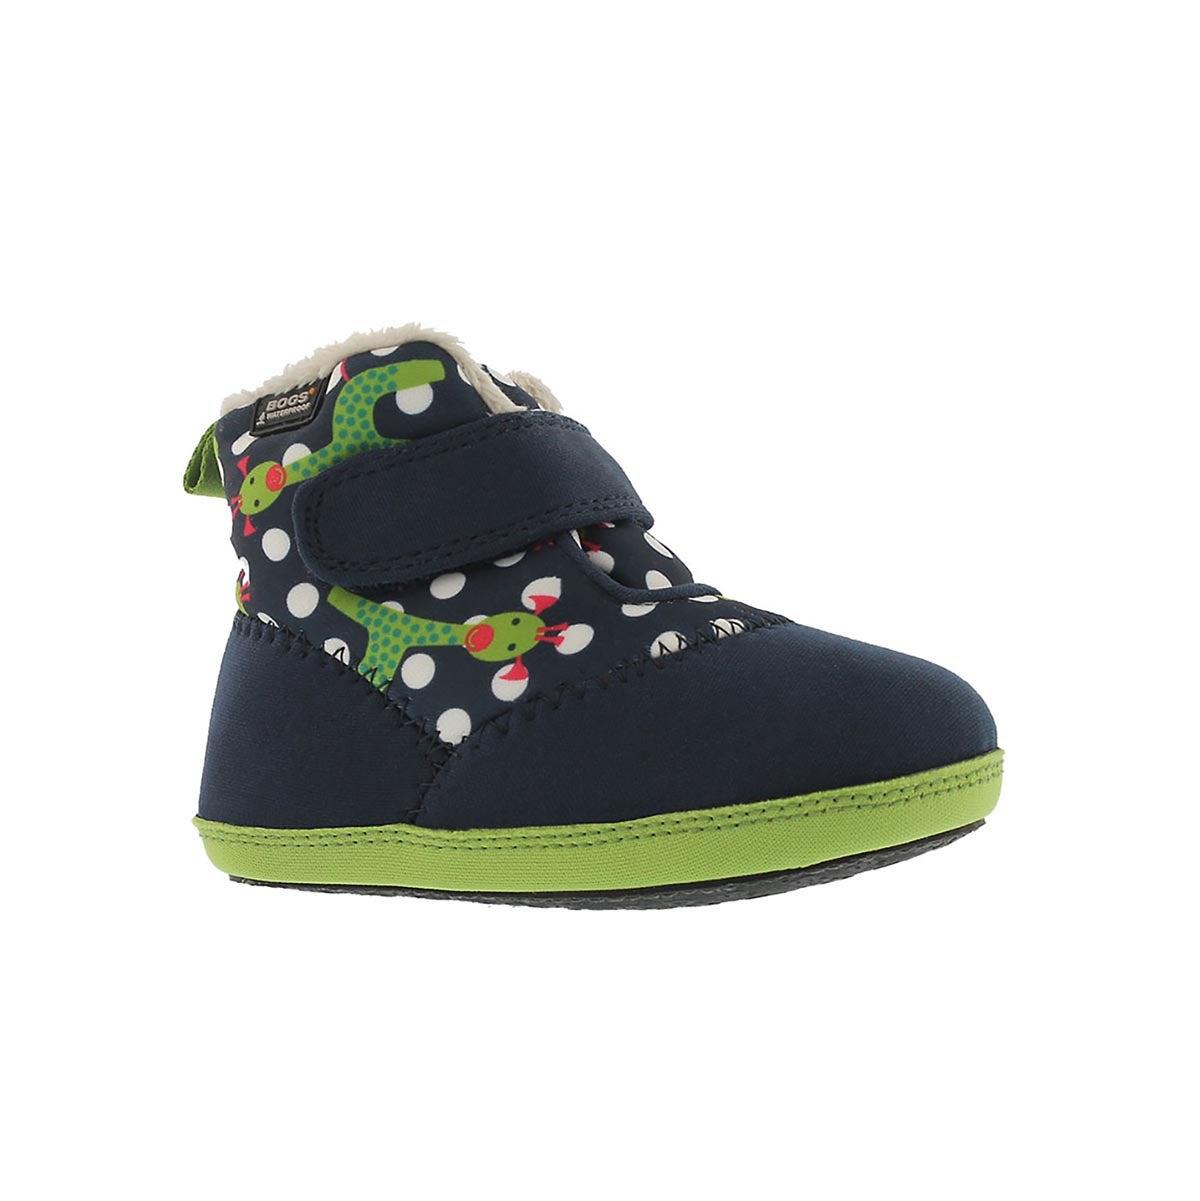 Infants' ELLIOT GIRAFFE blue multi waterproof boot